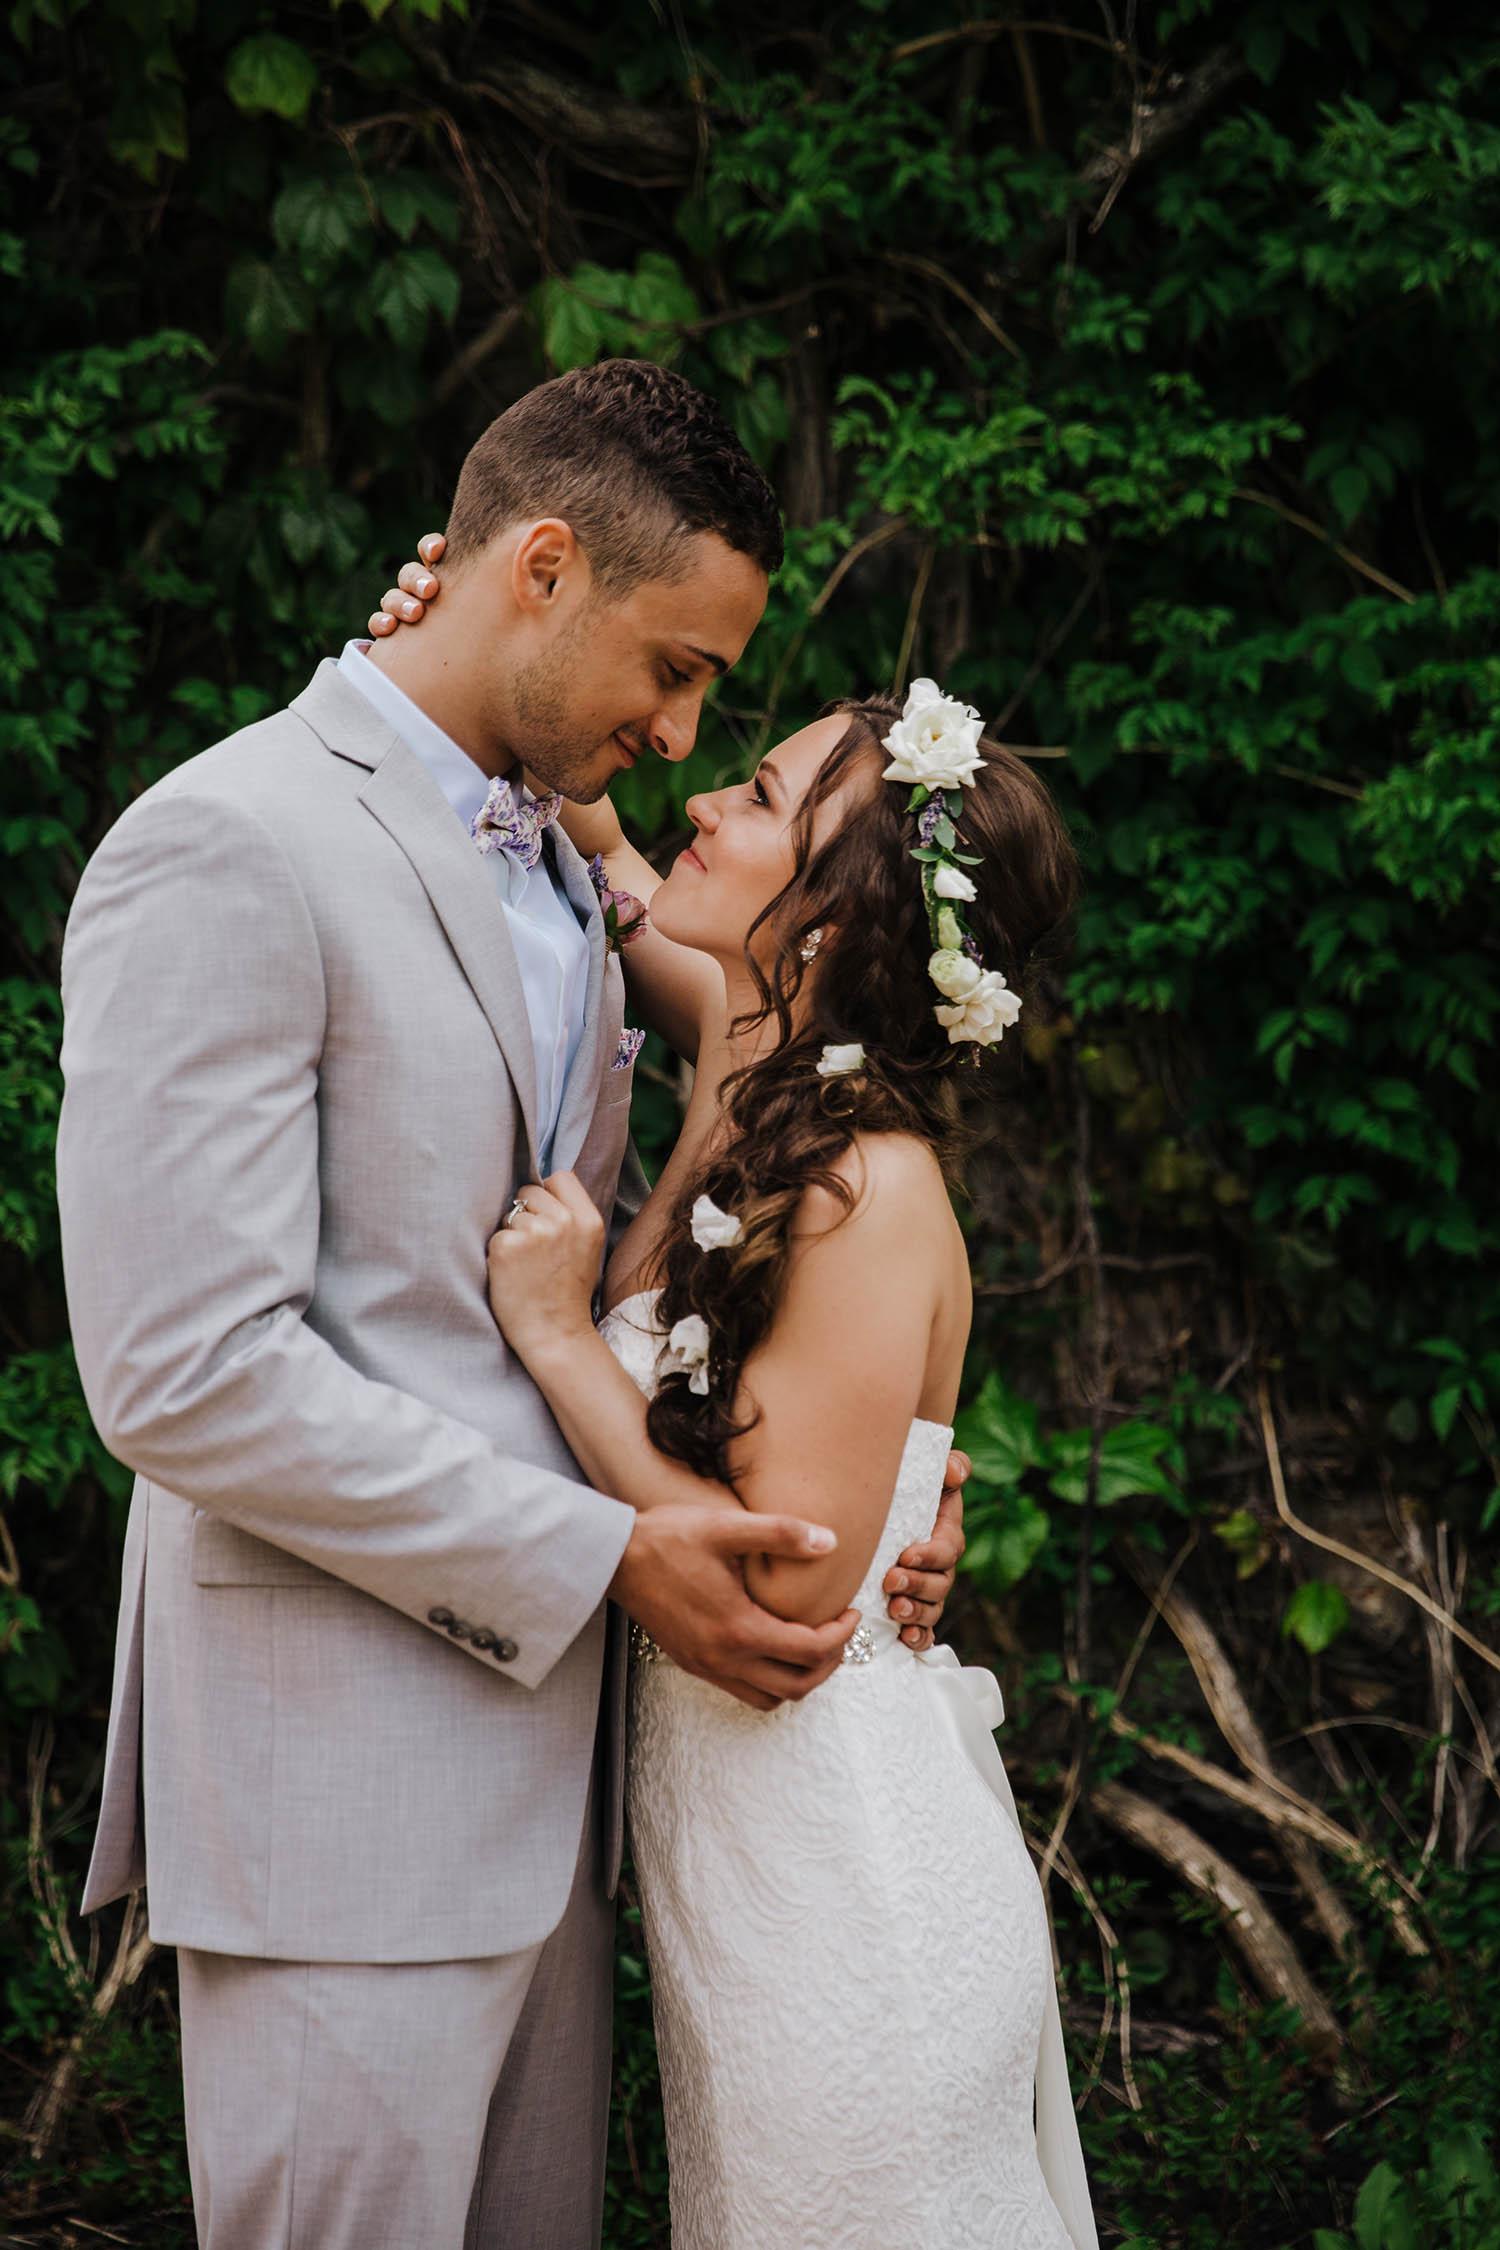 ct-wedding-florist-saint-clements-castle-wedding-6